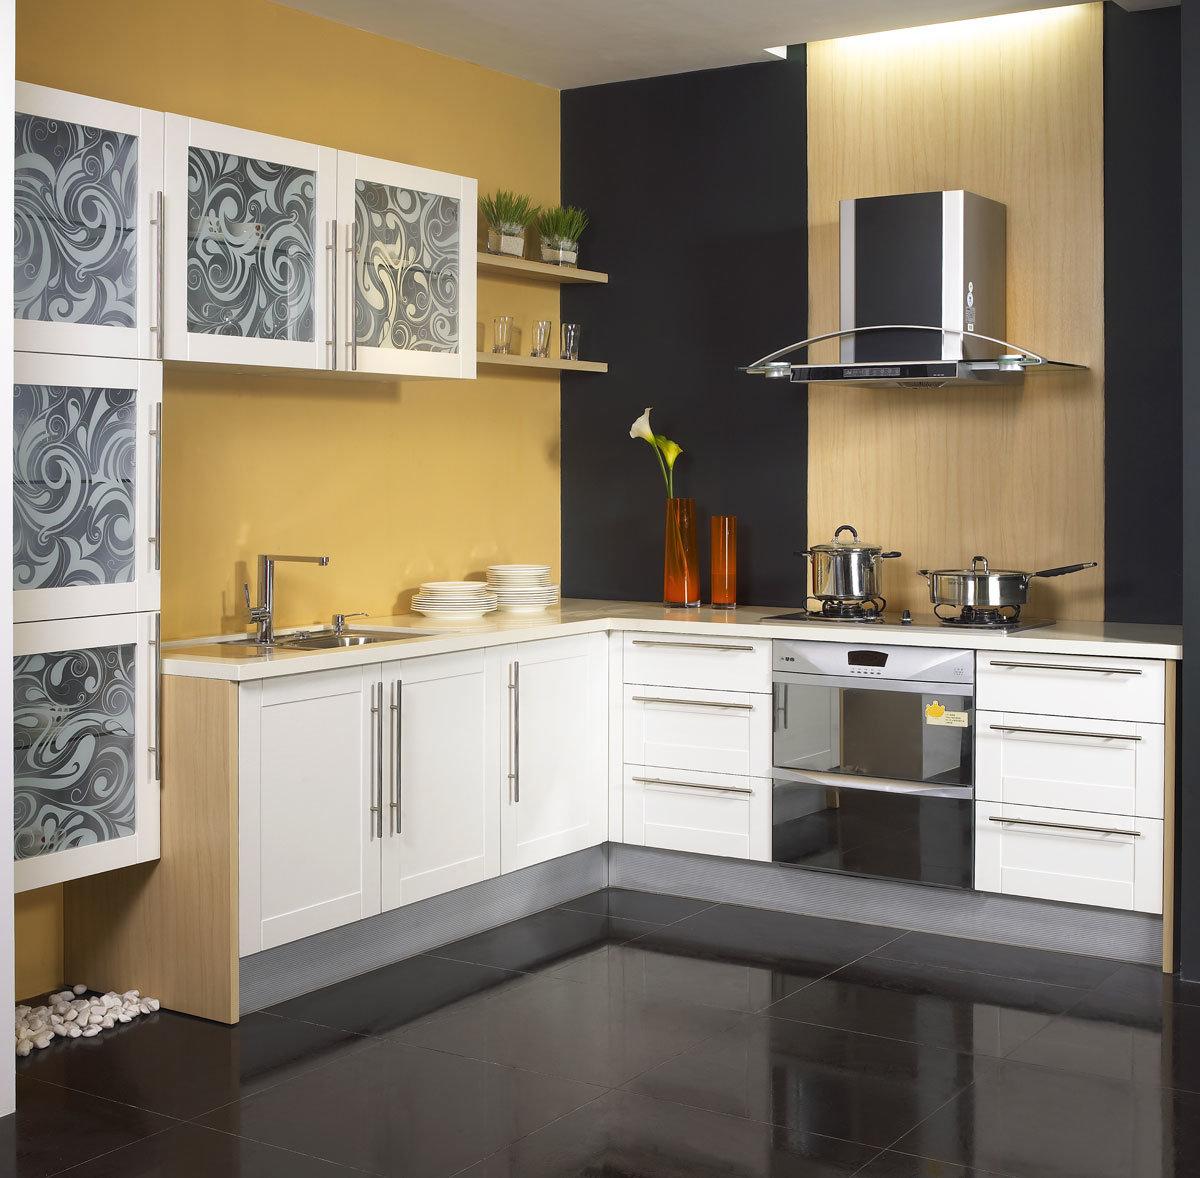 Foto de modulares muebles de cocina alto brillo uv de for Diseno de gabinetes de cocina modernos